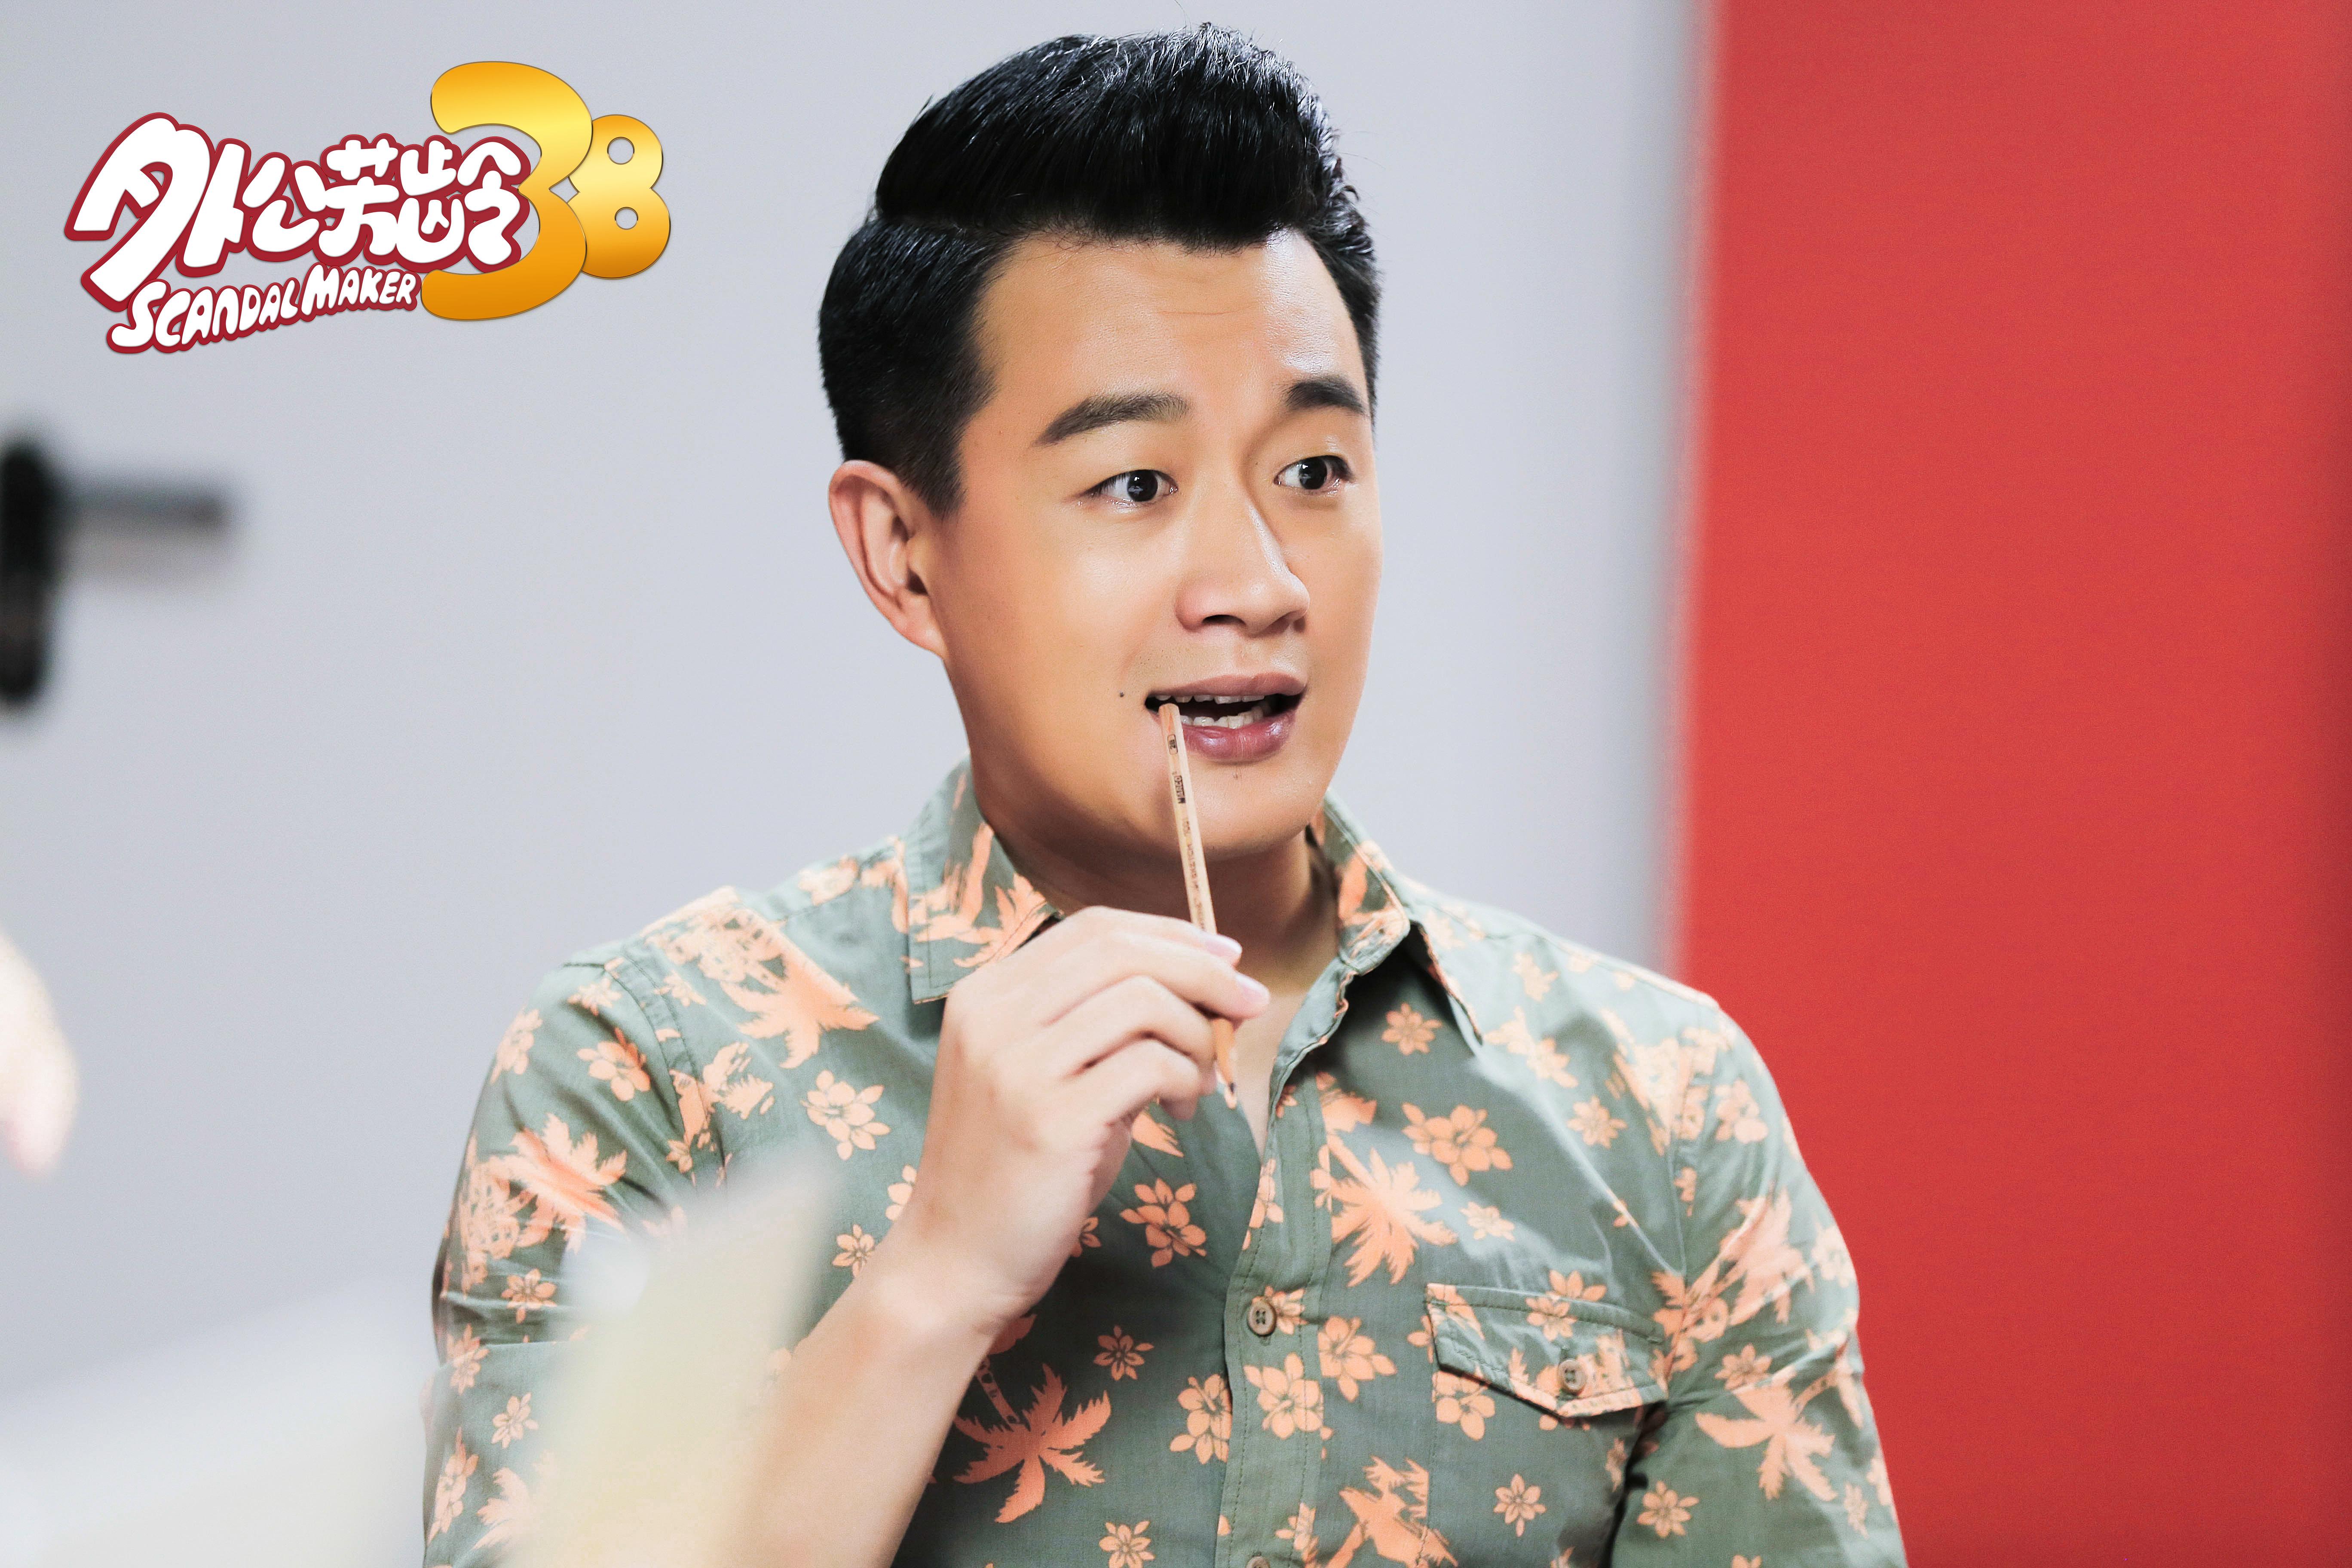 Wai gong fang ling 38 (2016)